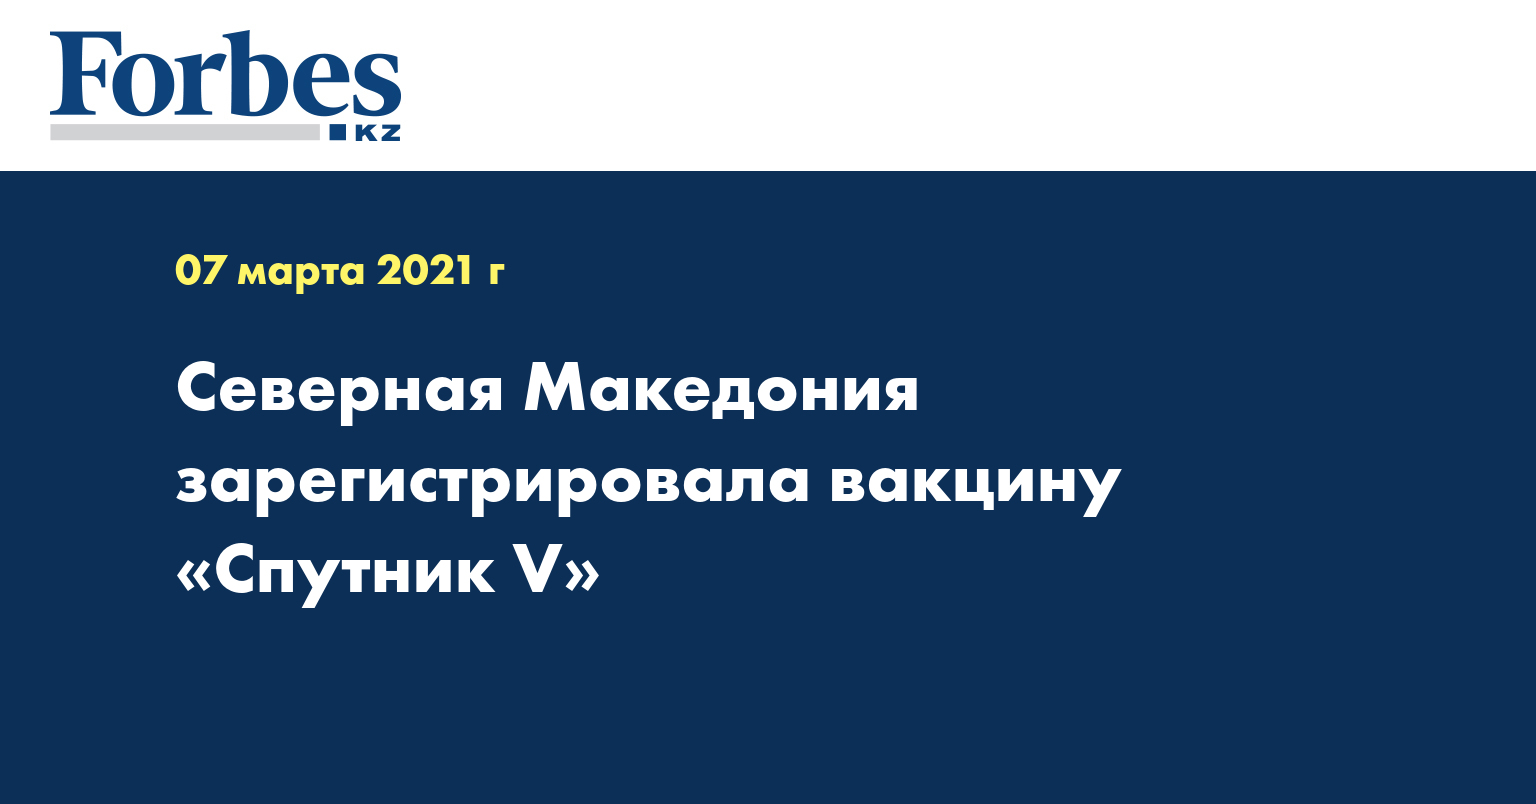 Северная Македония зарегистрировала вакцину «Спутник V»